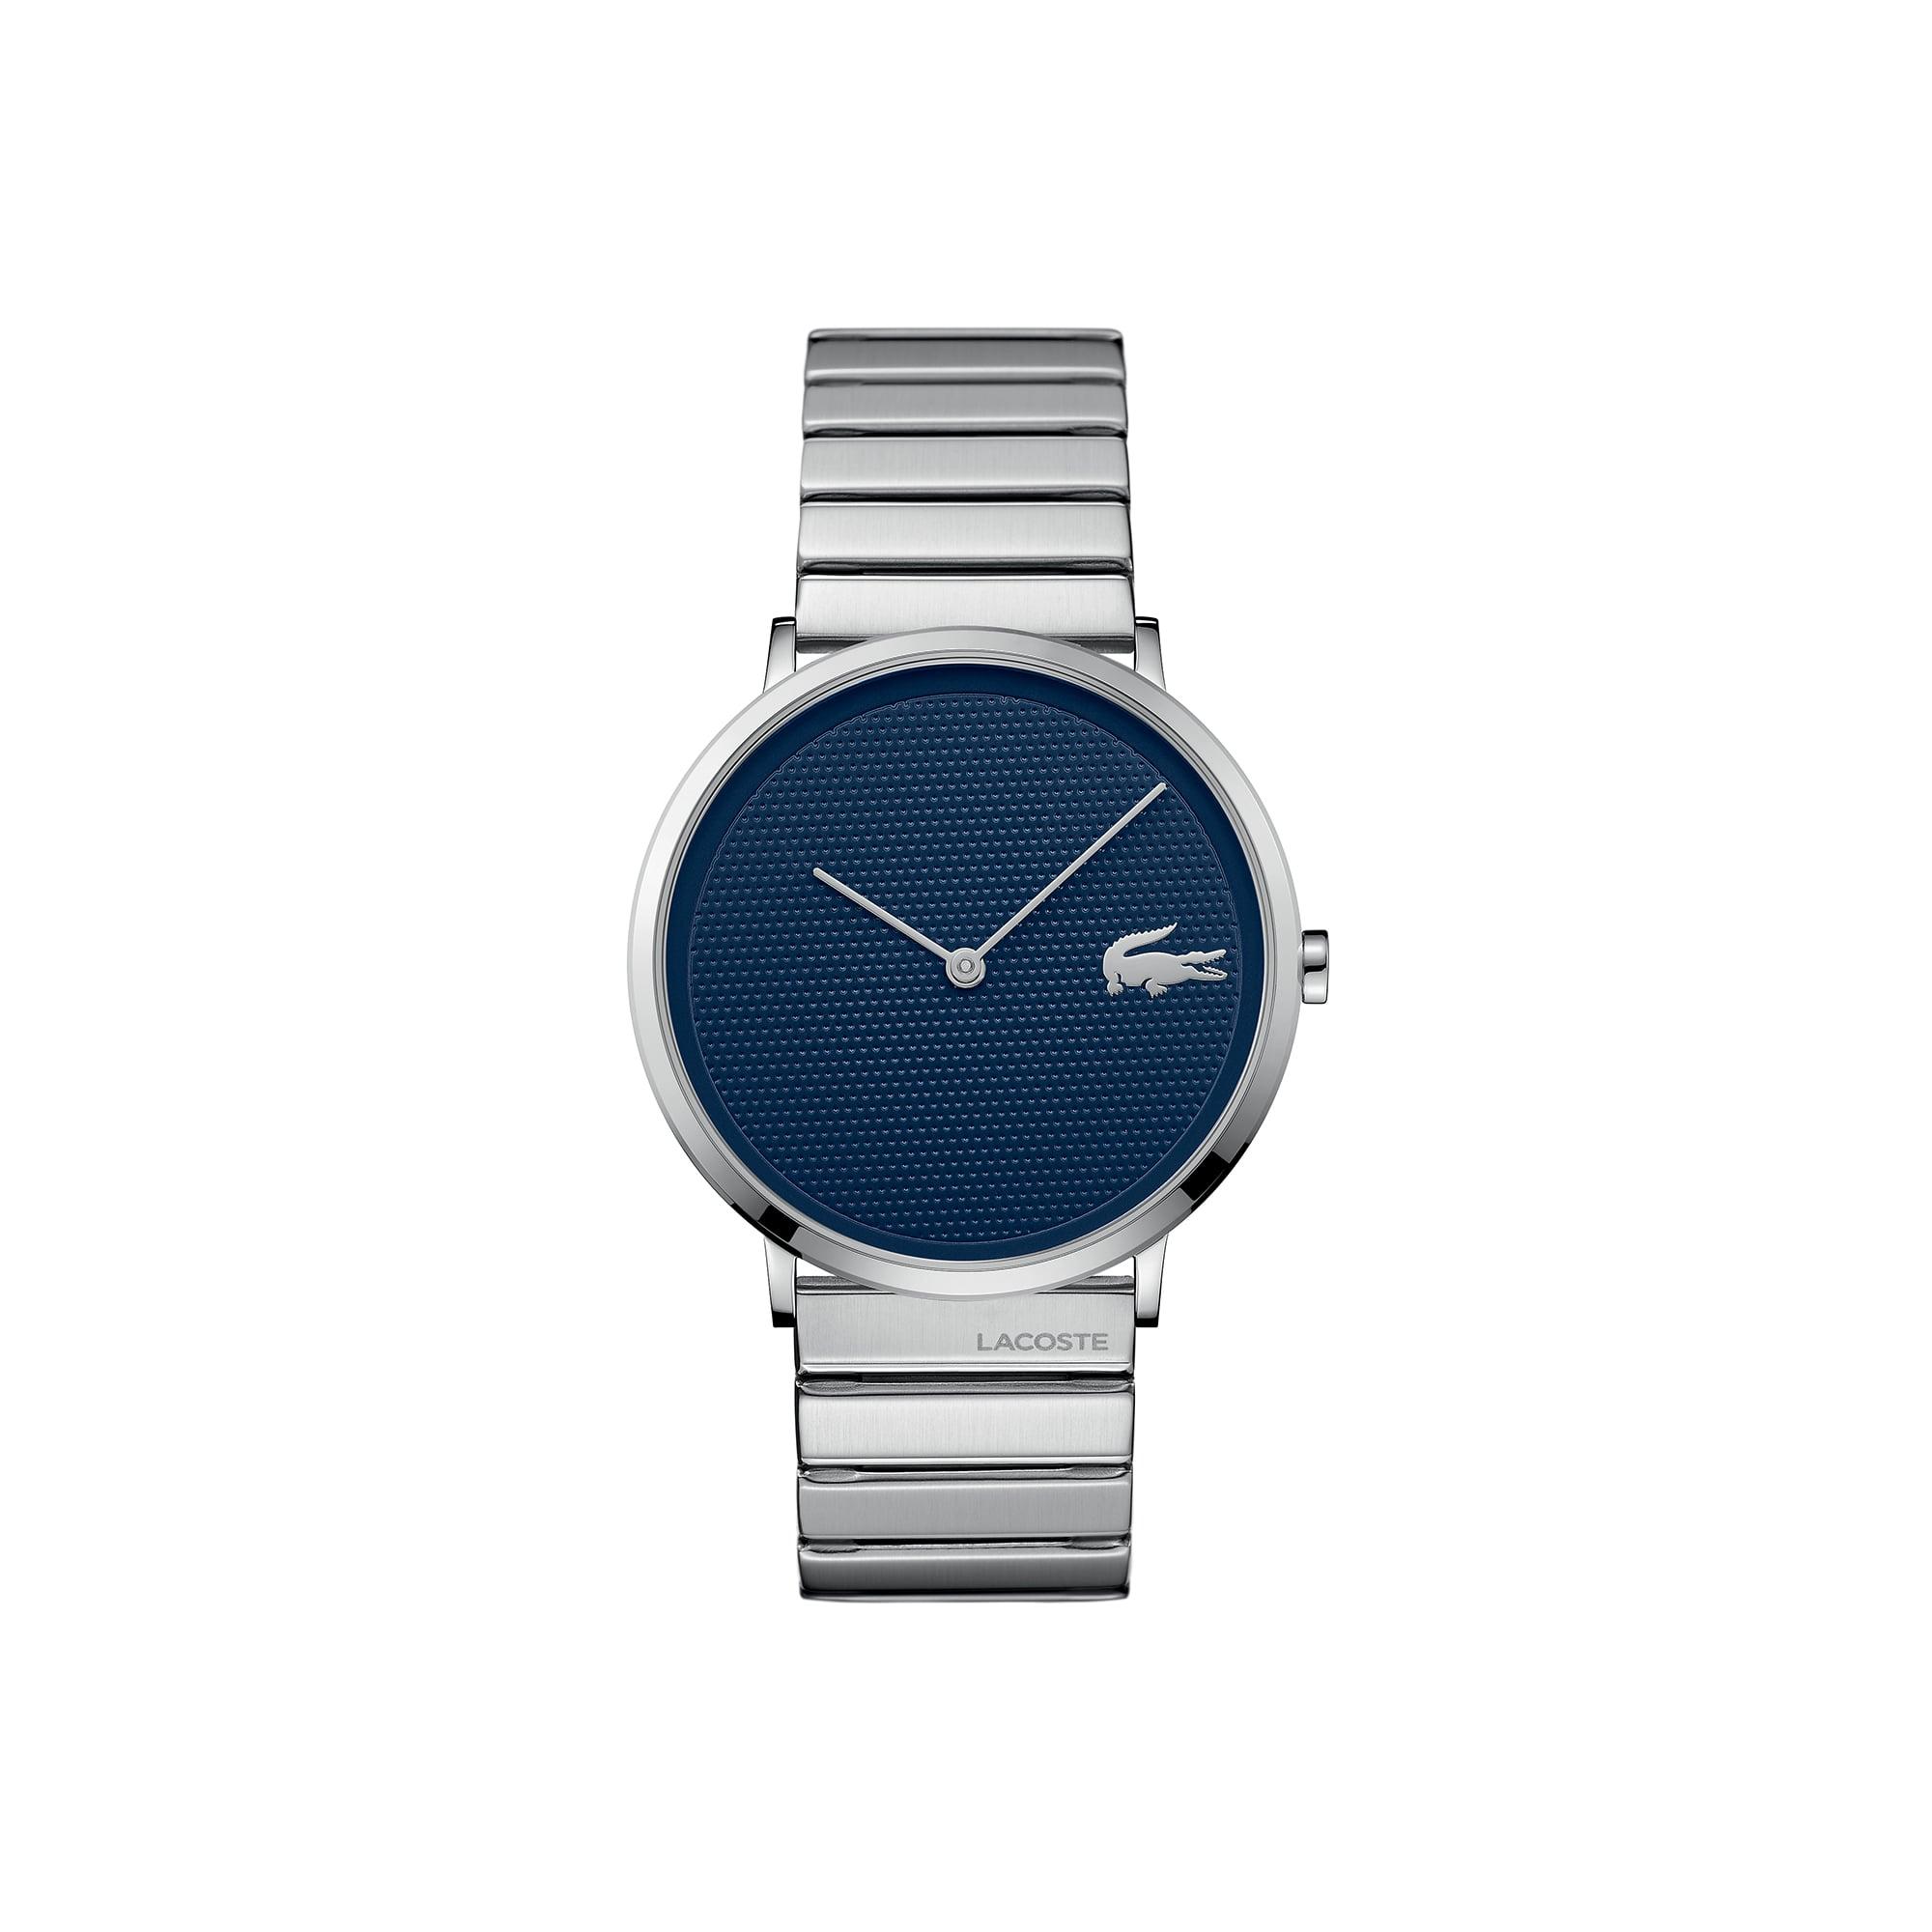 Relógio ultra slim Moon de homem com bracelete de aço inoxidável